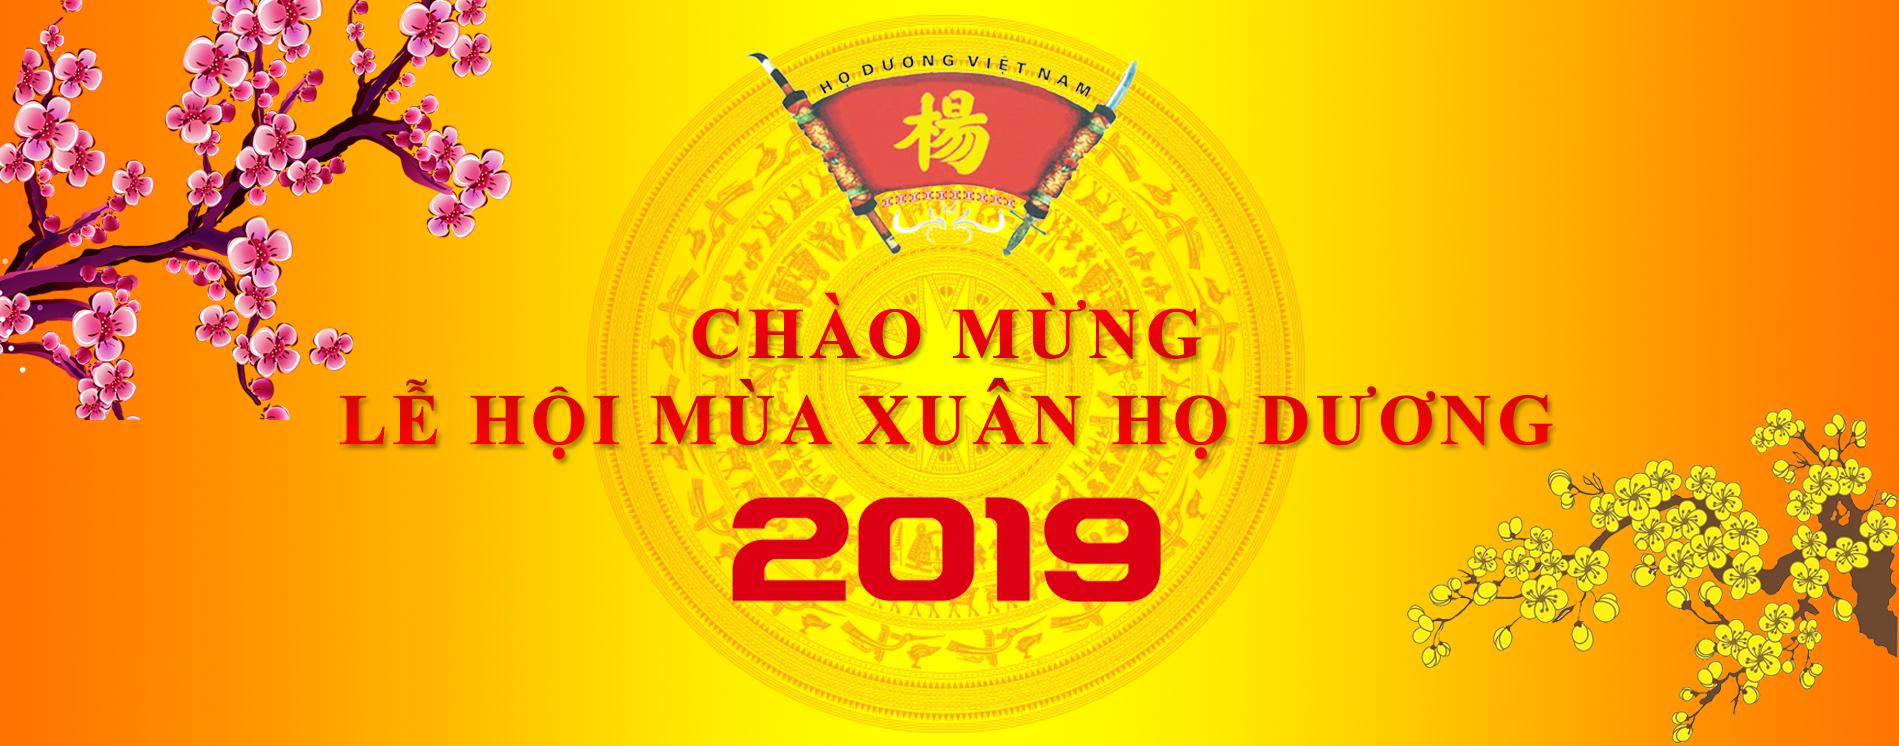 http://hoduongvietnam.com.vn/uploads/images/1542170770.jpg